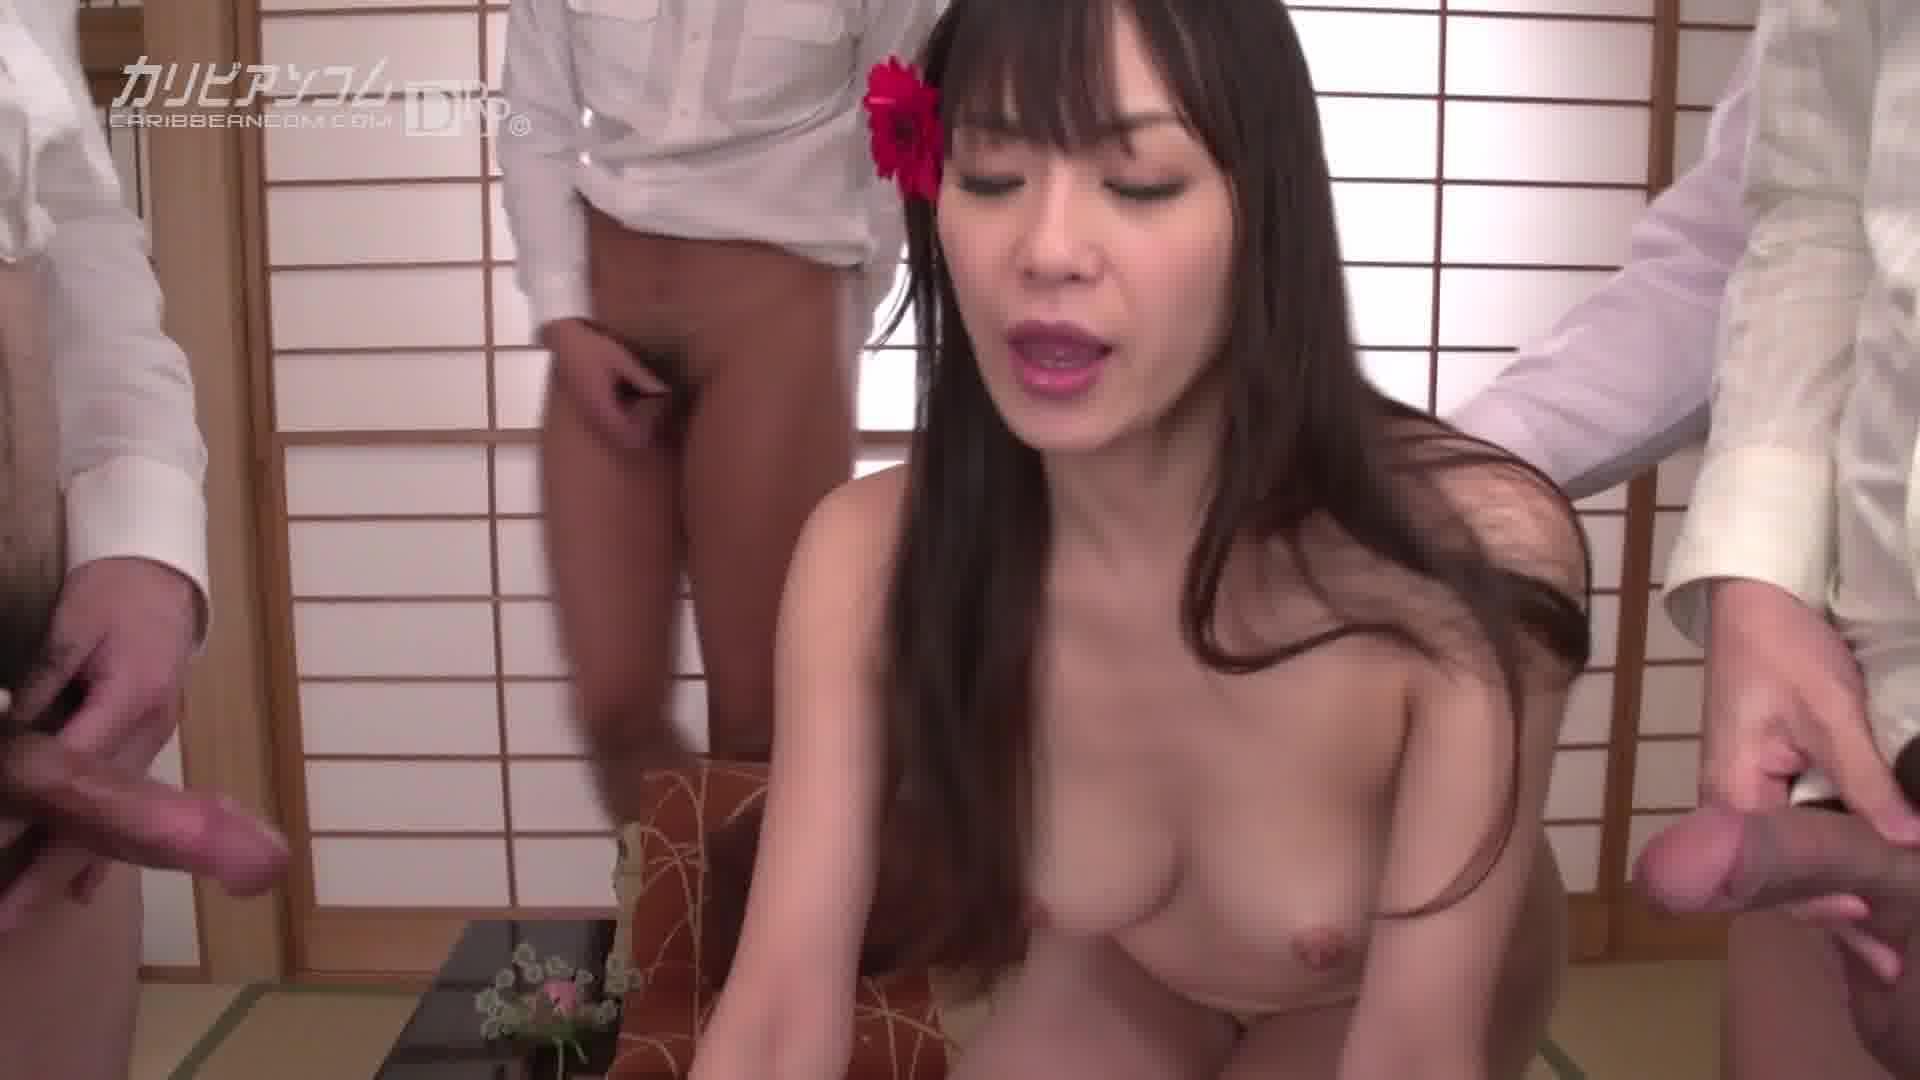 社長秘書のお仕事 Vol.6 - 広瀬奈々美【巨乳・OL・中出し】